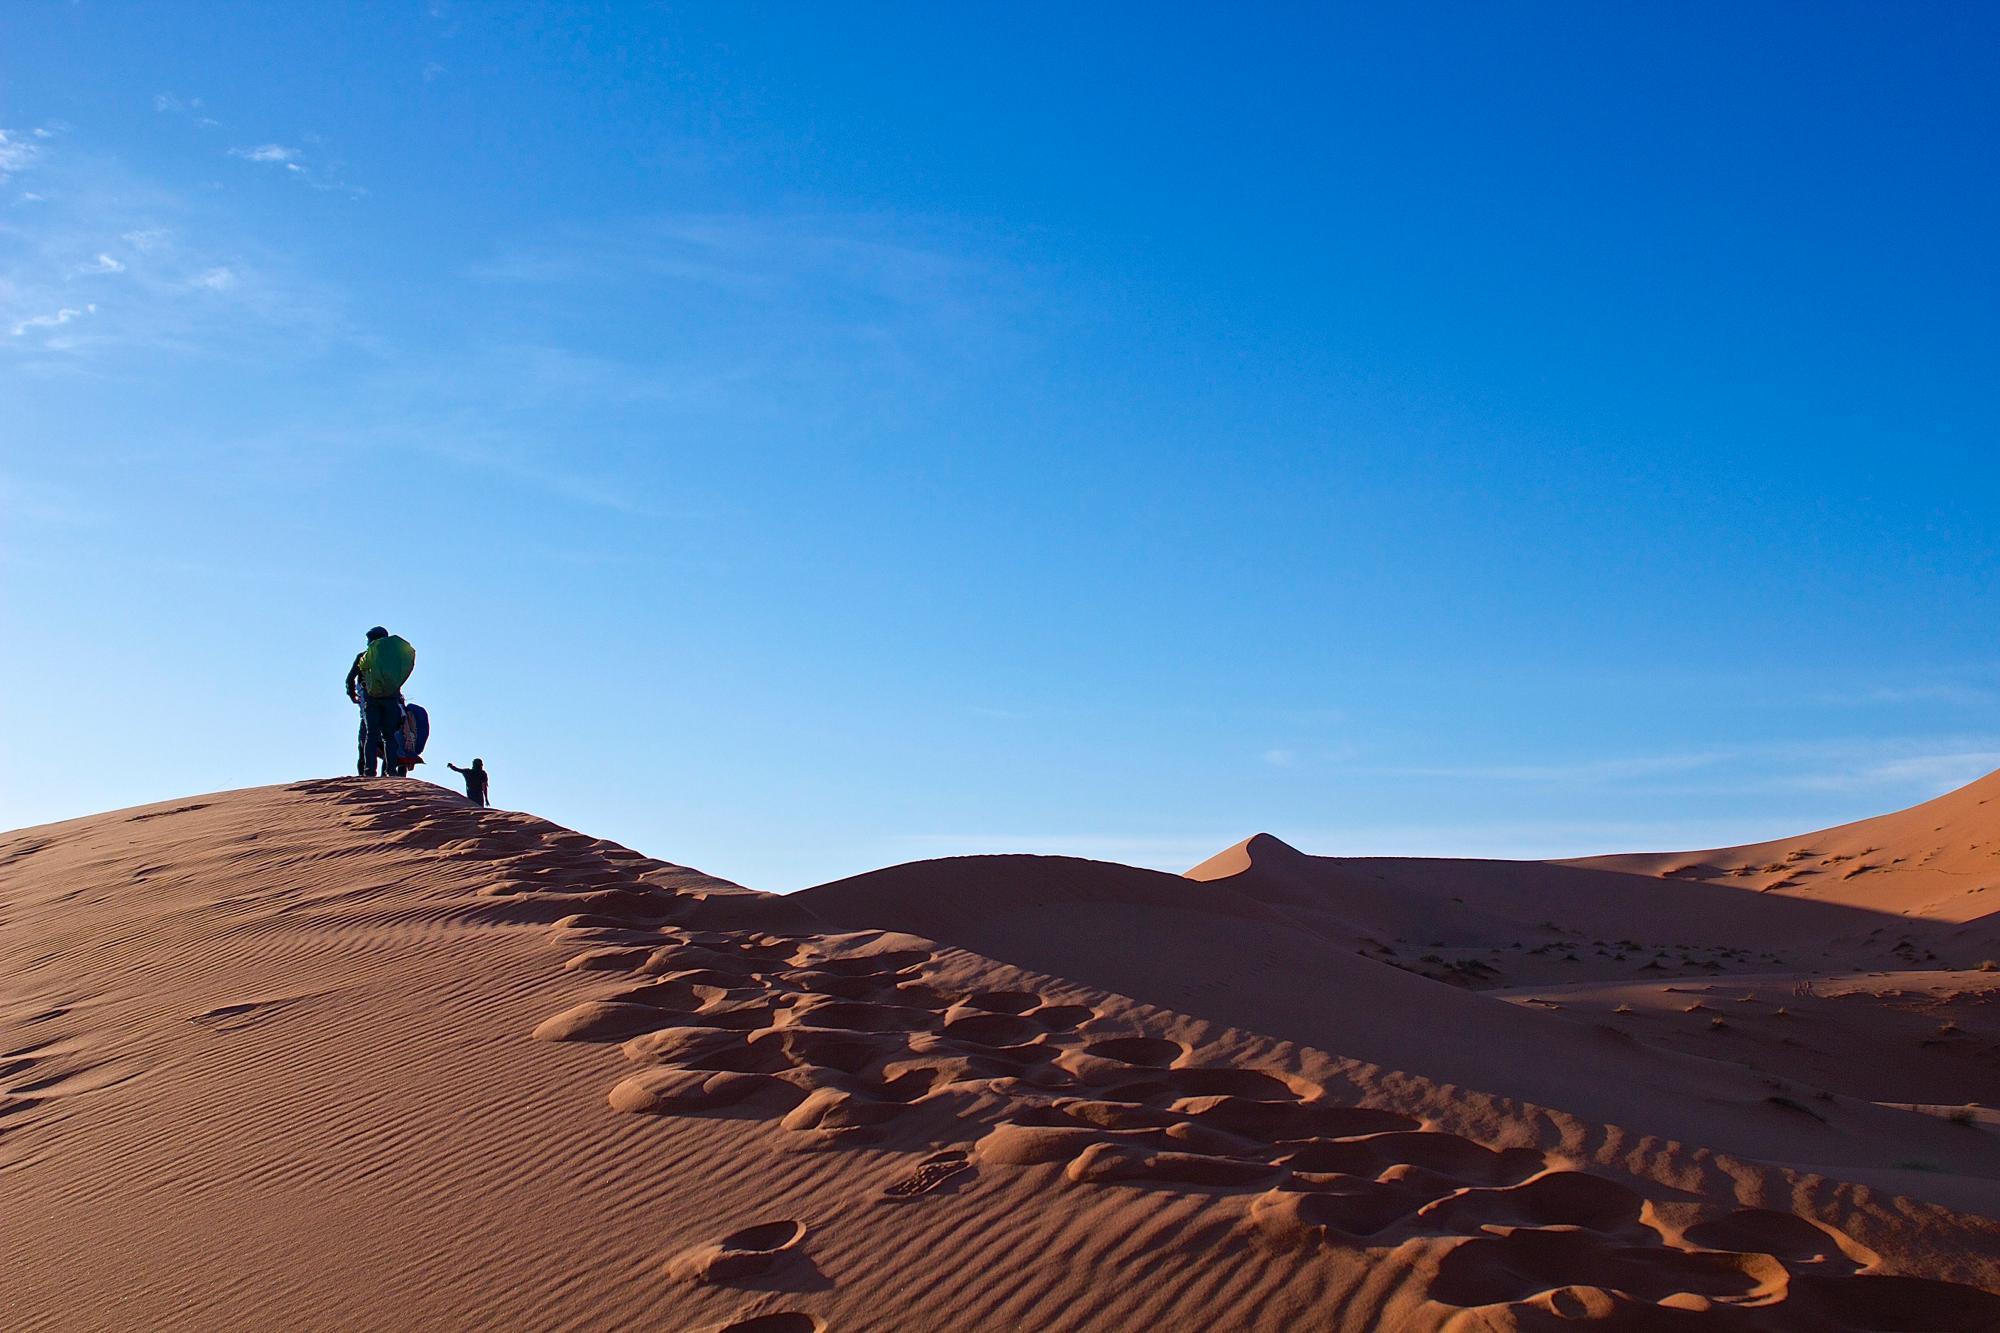 モロッコ アルケミスト